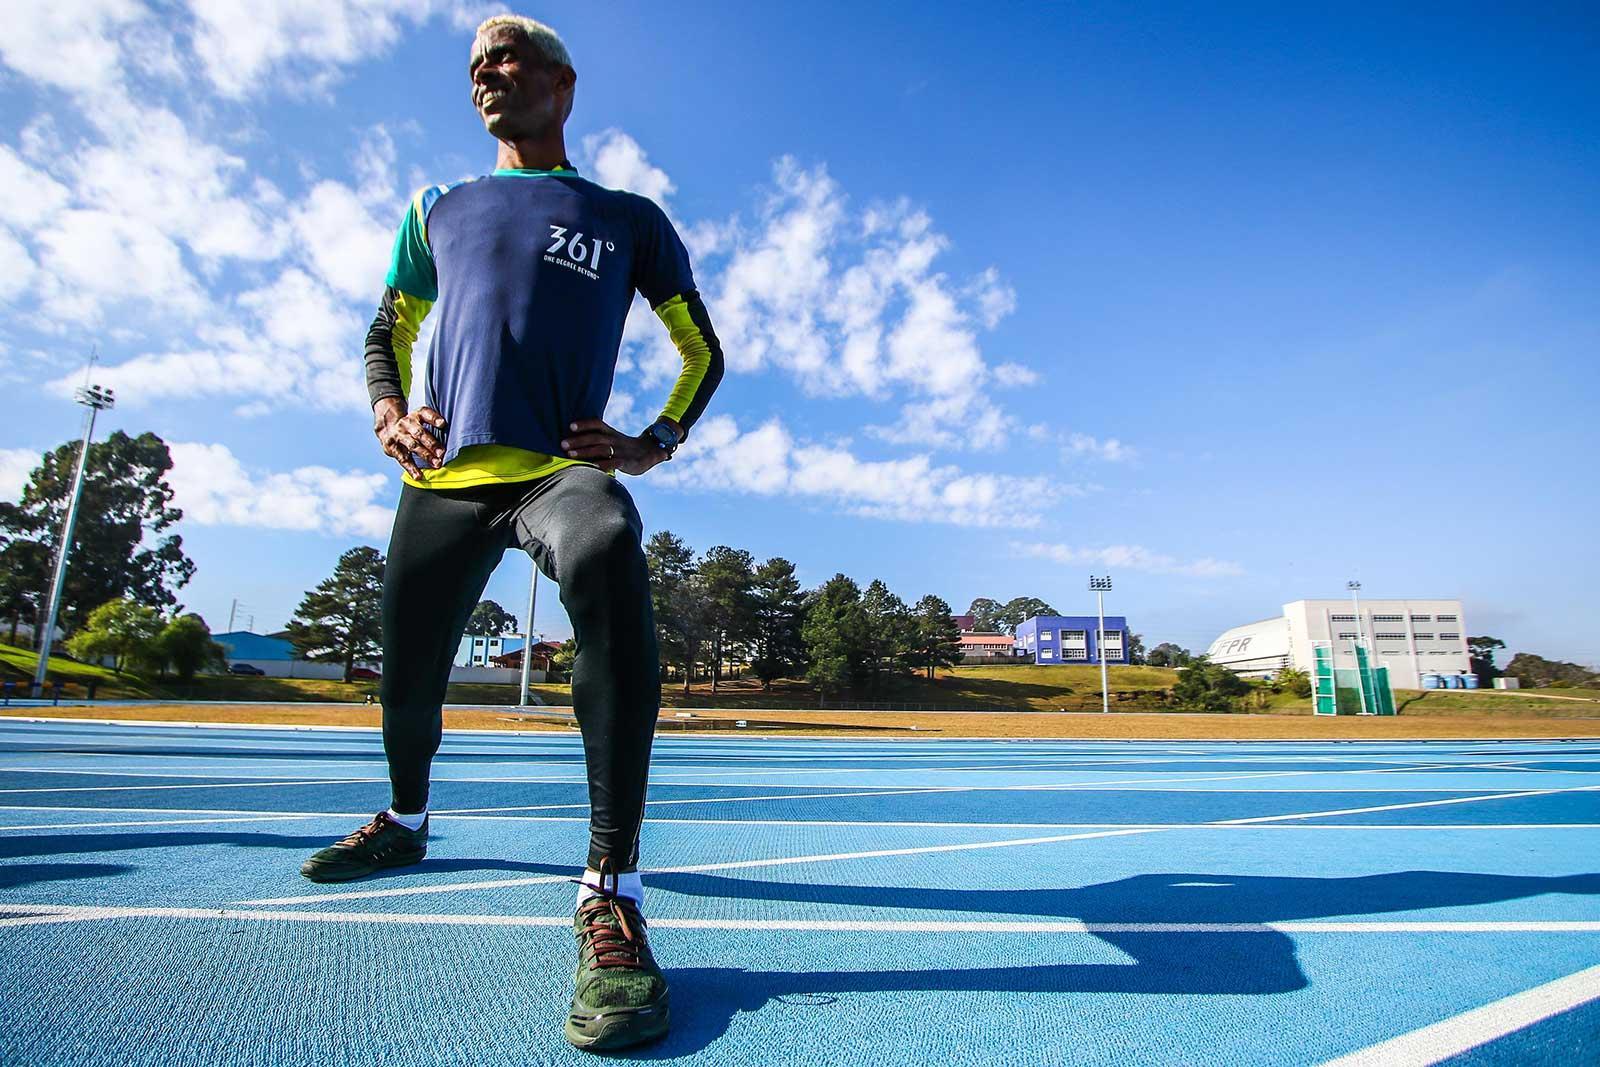 Giovani dos Santos será padrinho da Meia Maratona do Descobrimento Porto Seguro